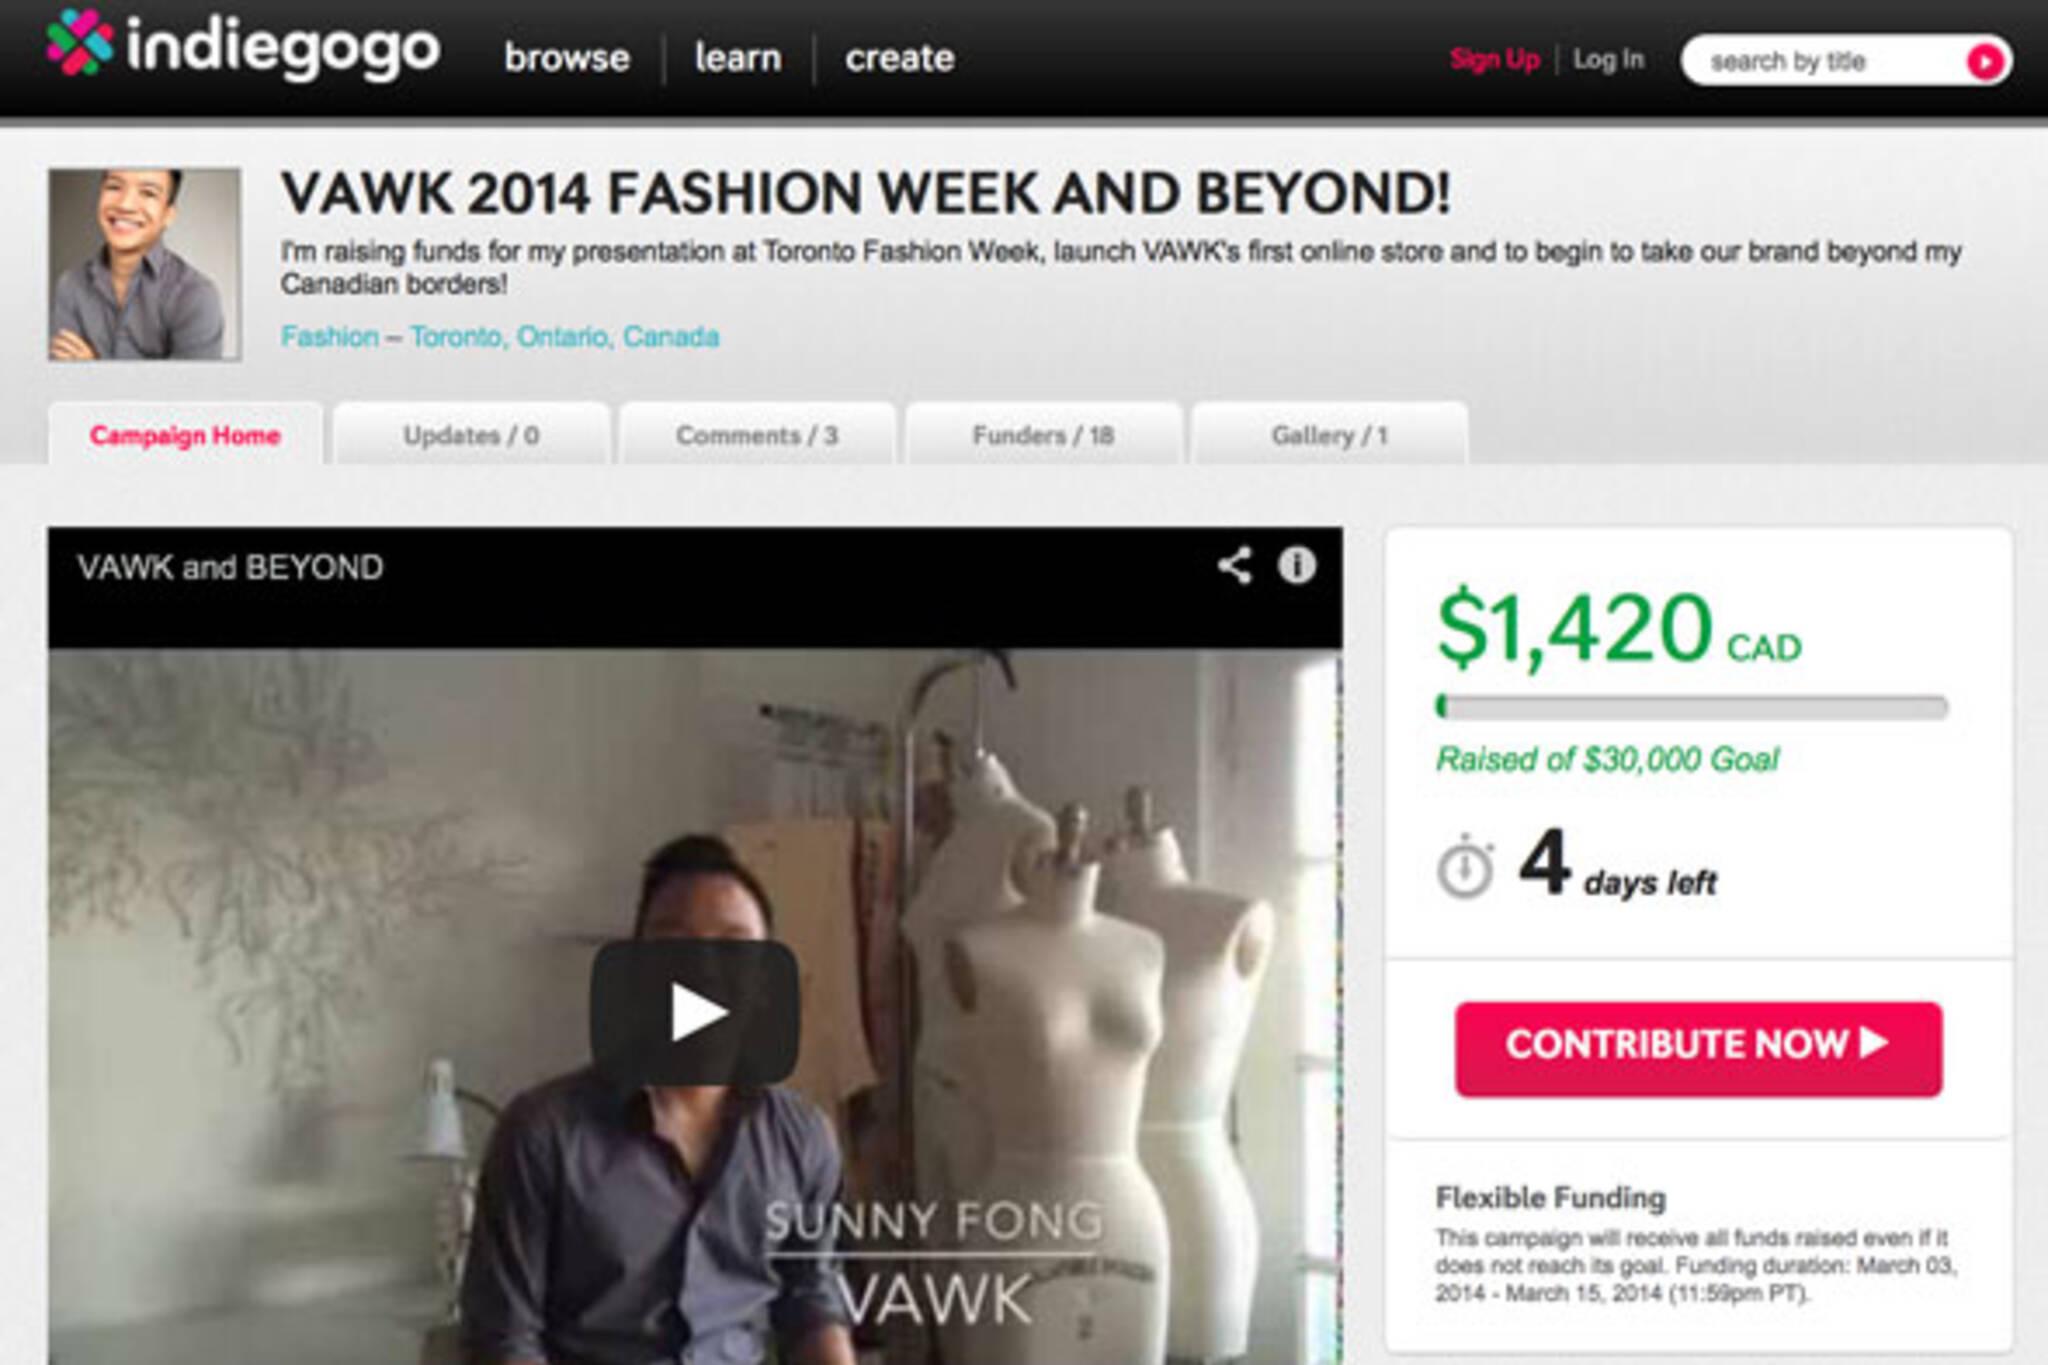 indiegogo fashion week